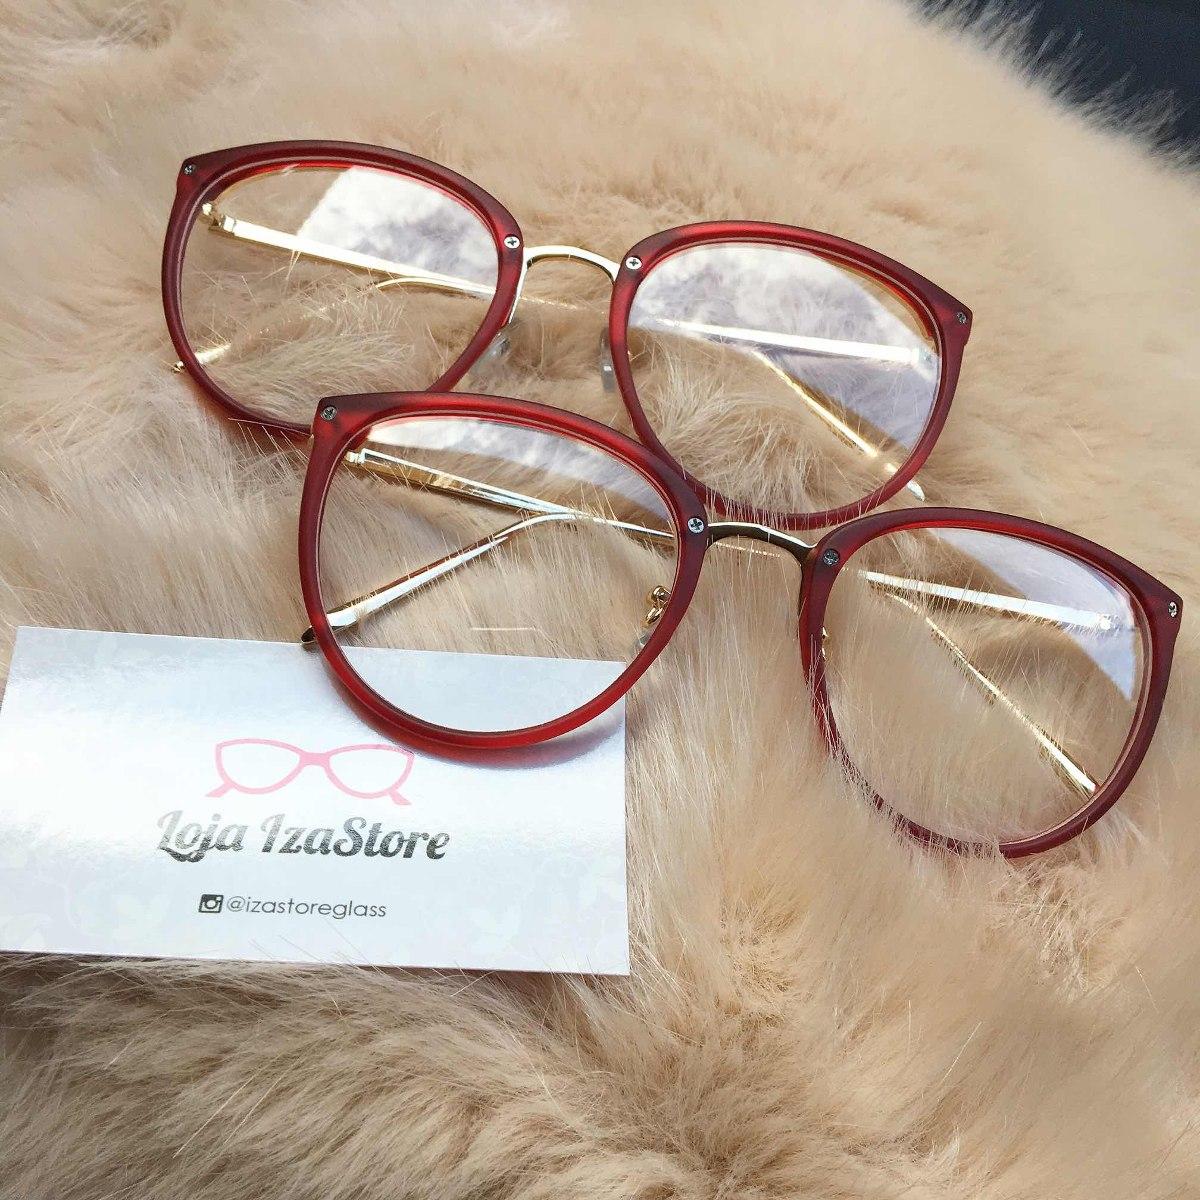 08758c7512bd4 oculos armacao vermelha transparente redonda. Carregando zoom.